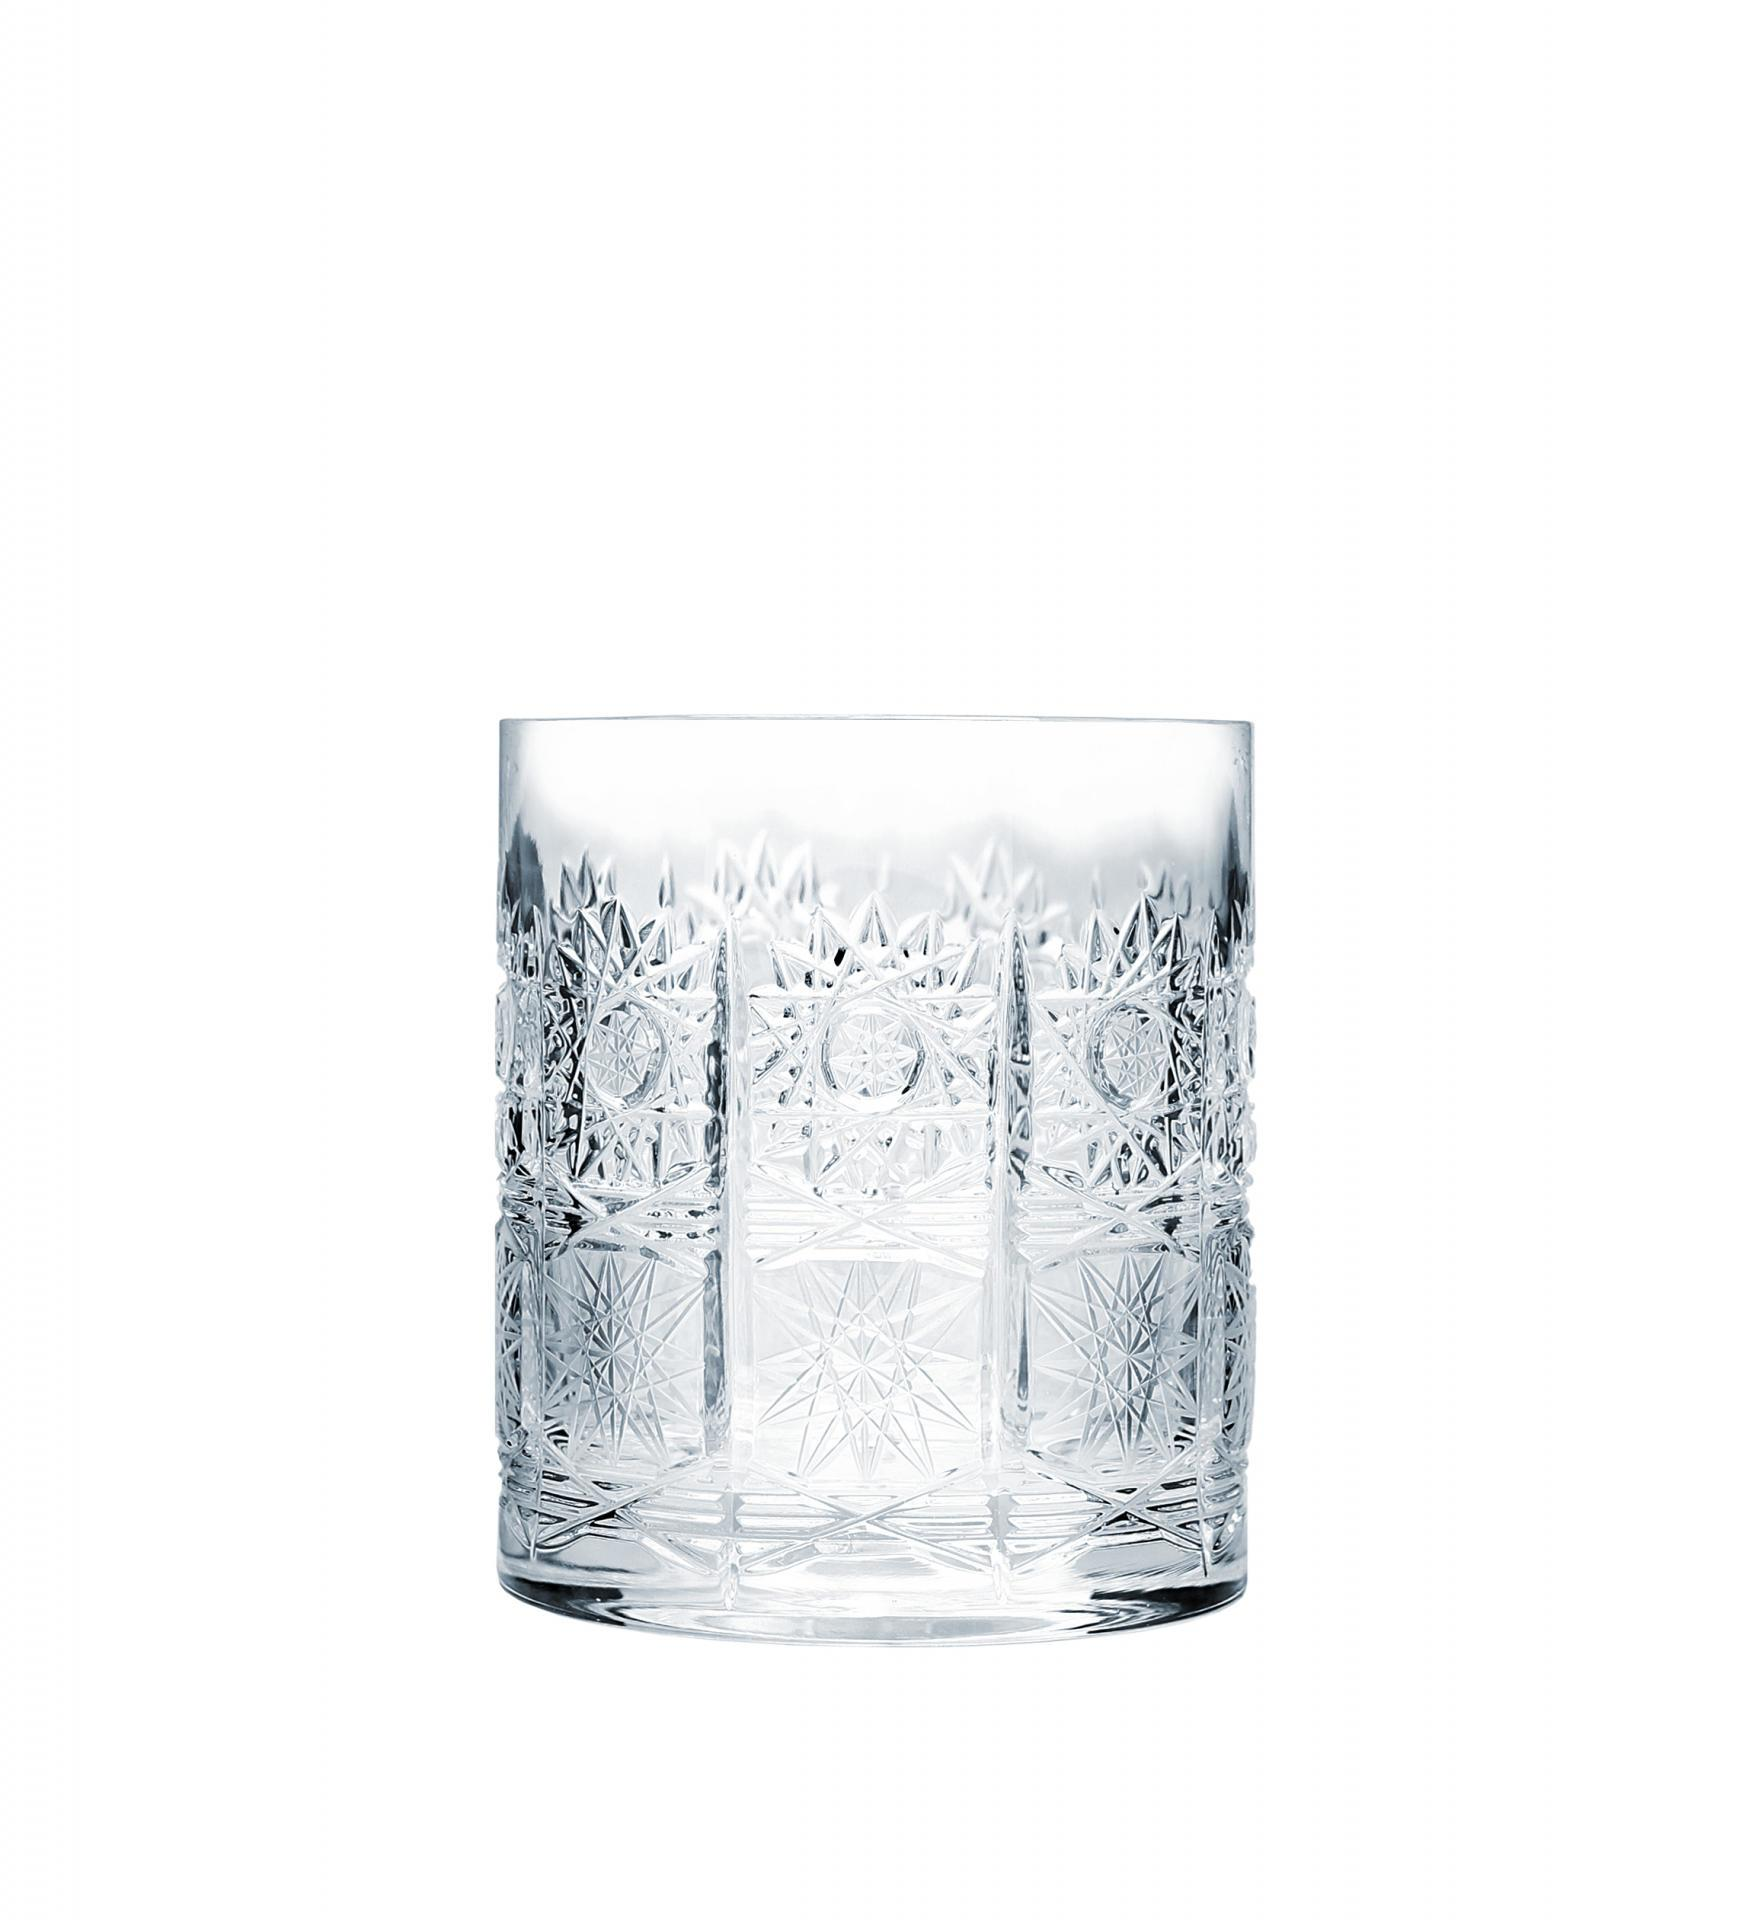 Crystal BOHEMIA Broušená křišťálová sklenice na whisky Crystal BOHEMIA 3,3 dcl